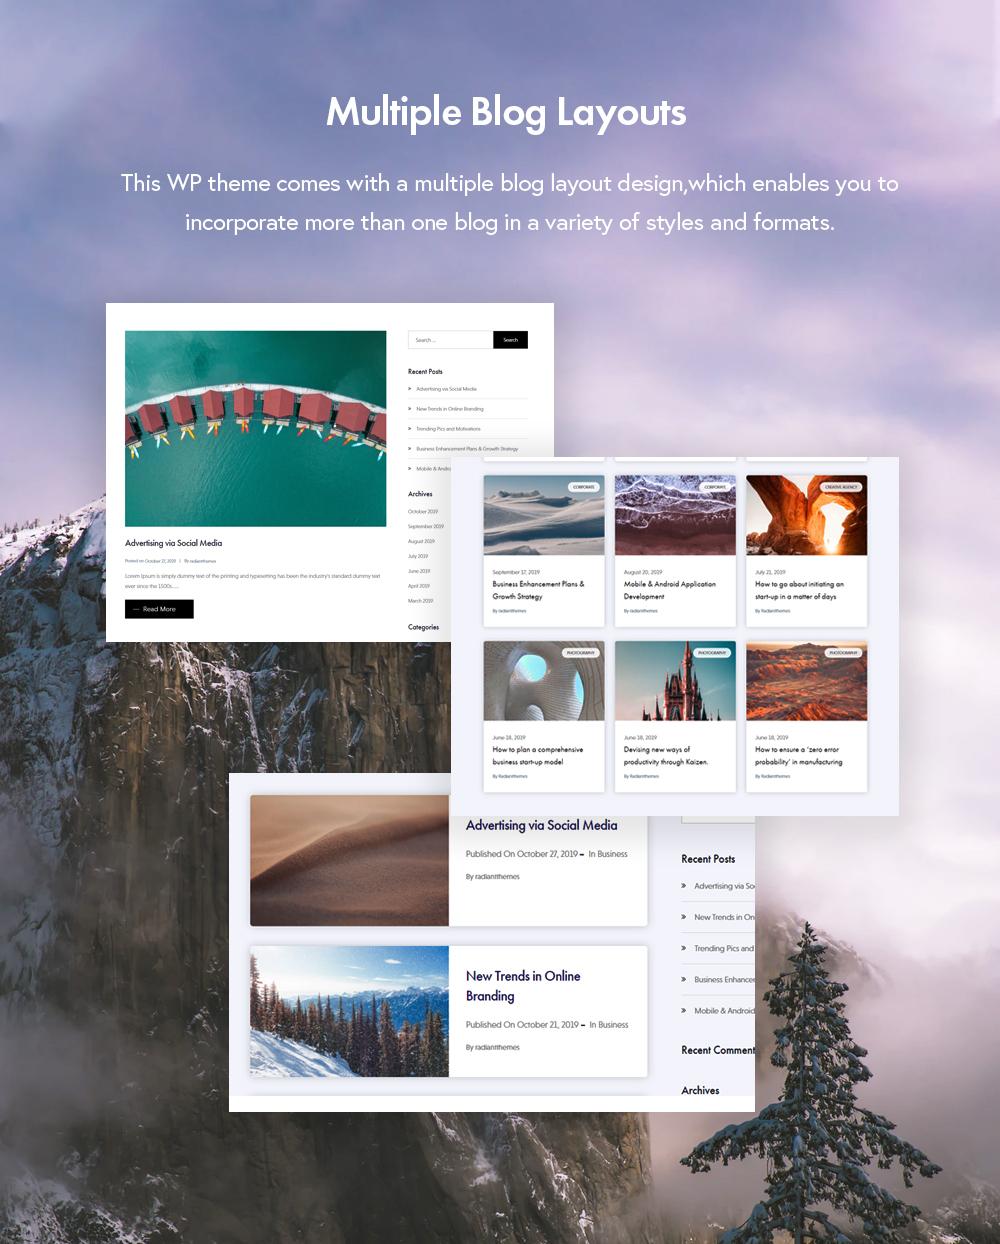 Prise de plusieurs styles de blog